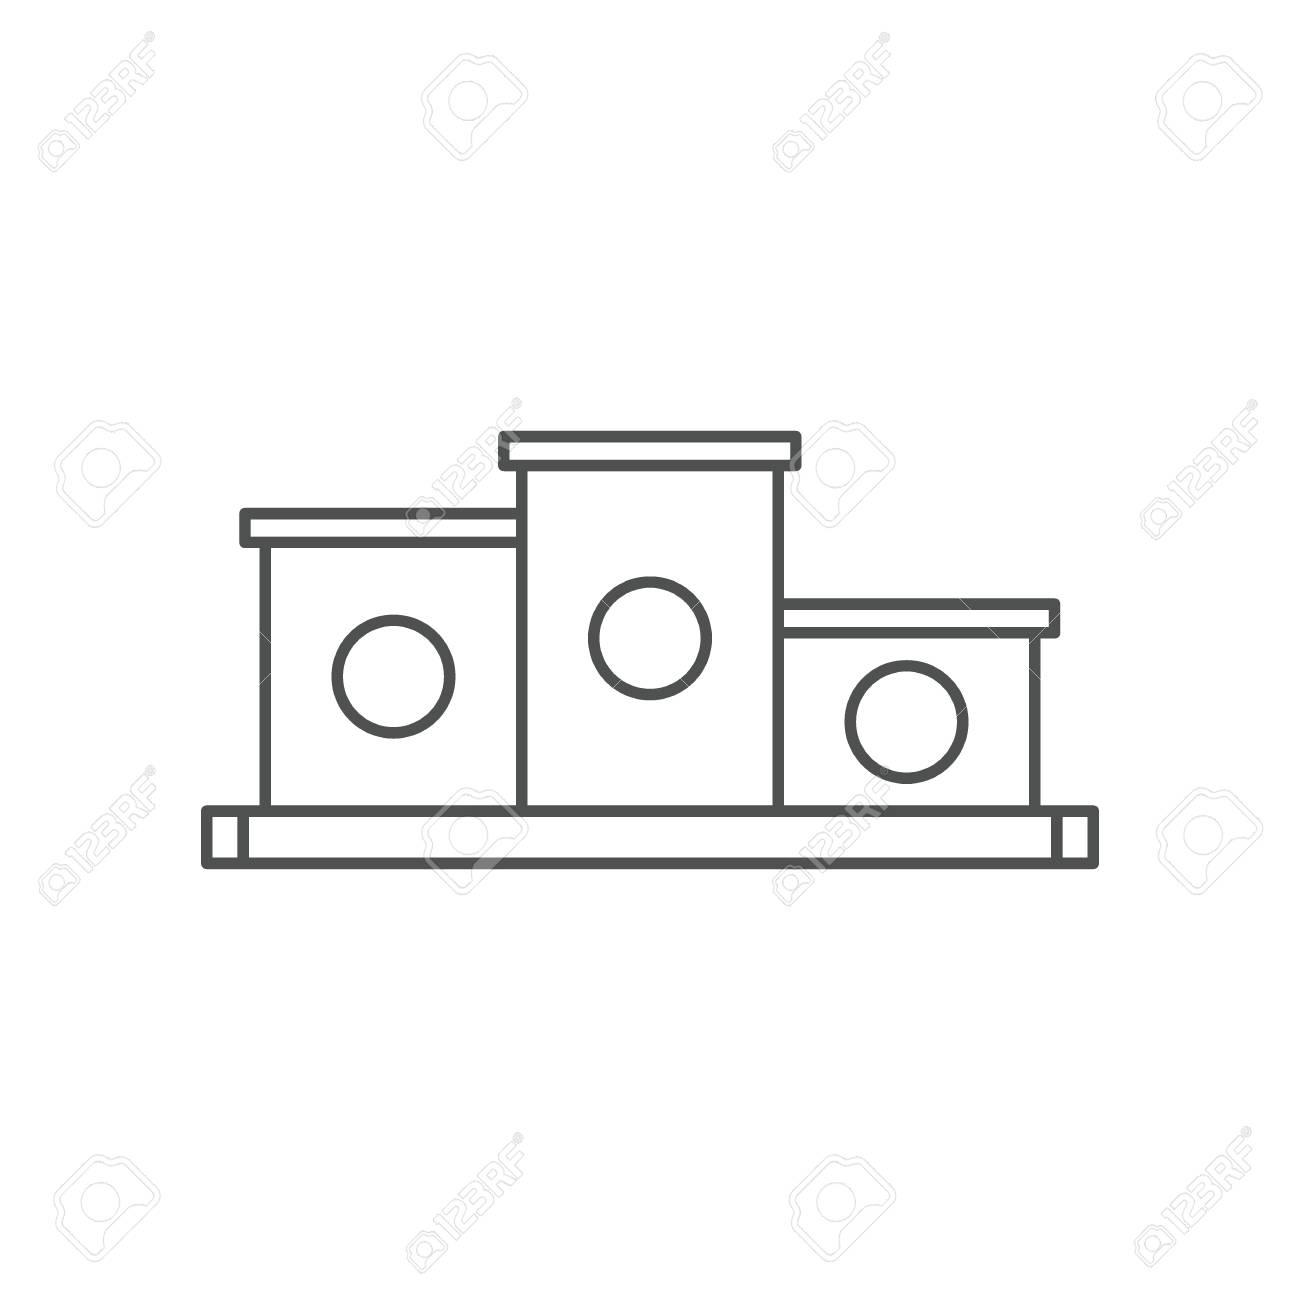 Podiode Circuit Diagram | Icono De Podio De Ganadores Ilustracion Del Esquema Del Icono De